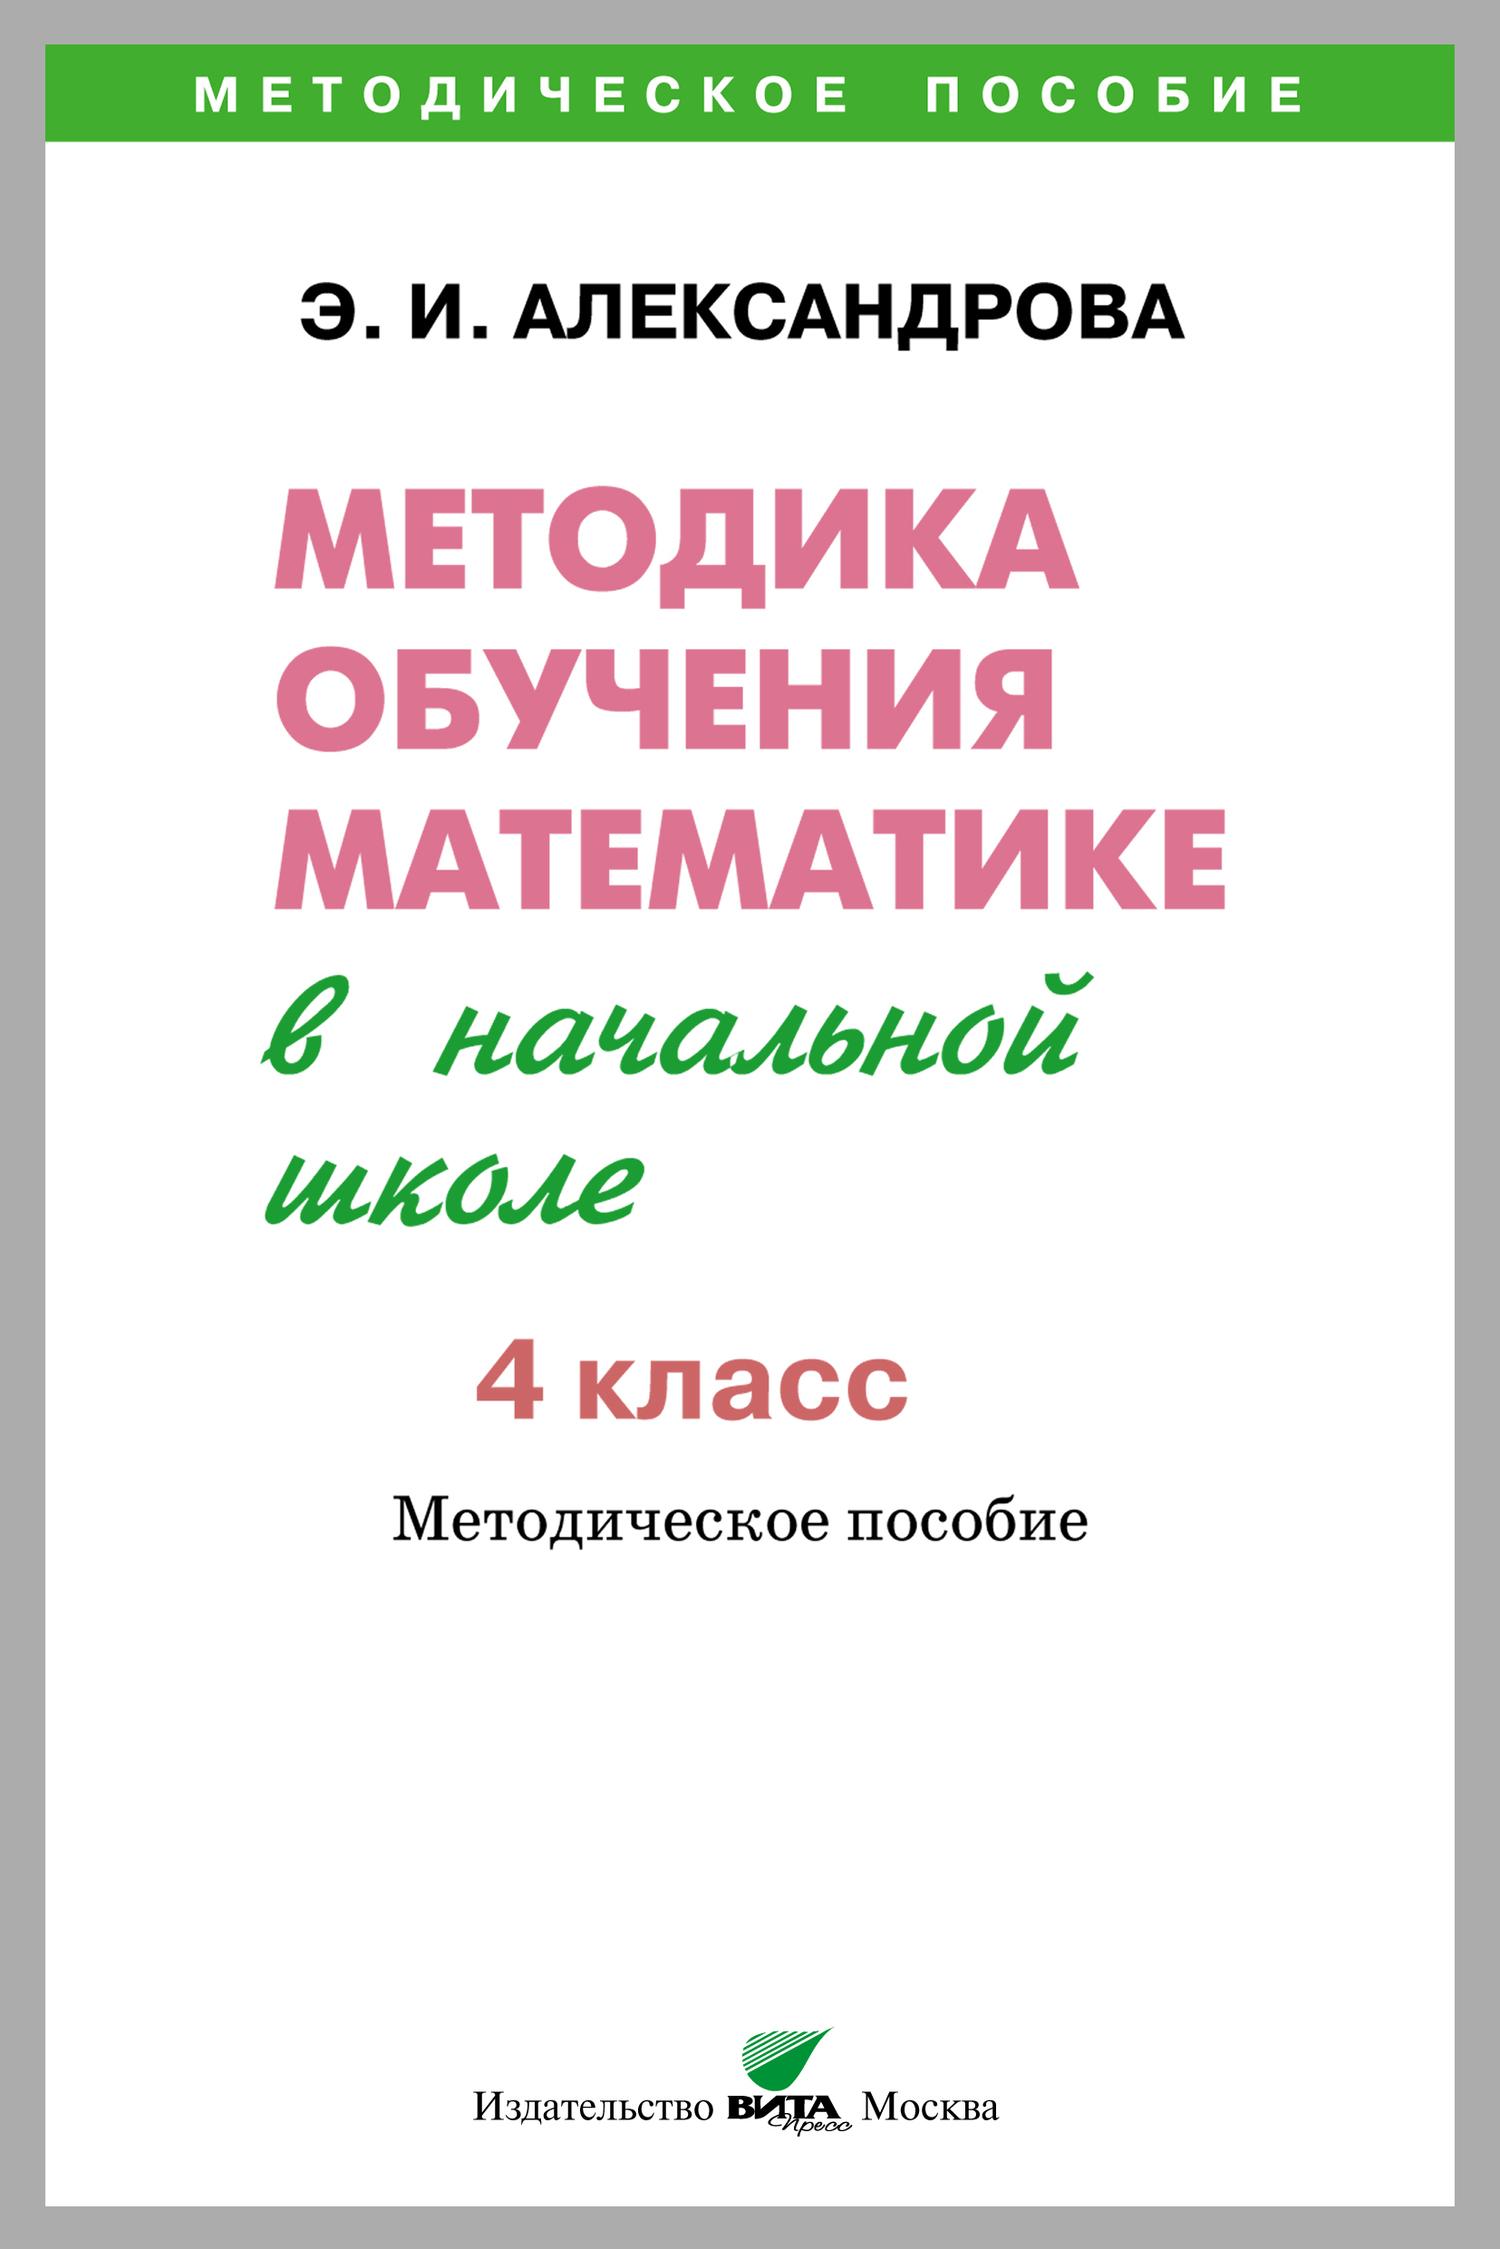 Э. И. Александрова. Методика обучения математике в начальной школе. Методическое пособие. 4 класс